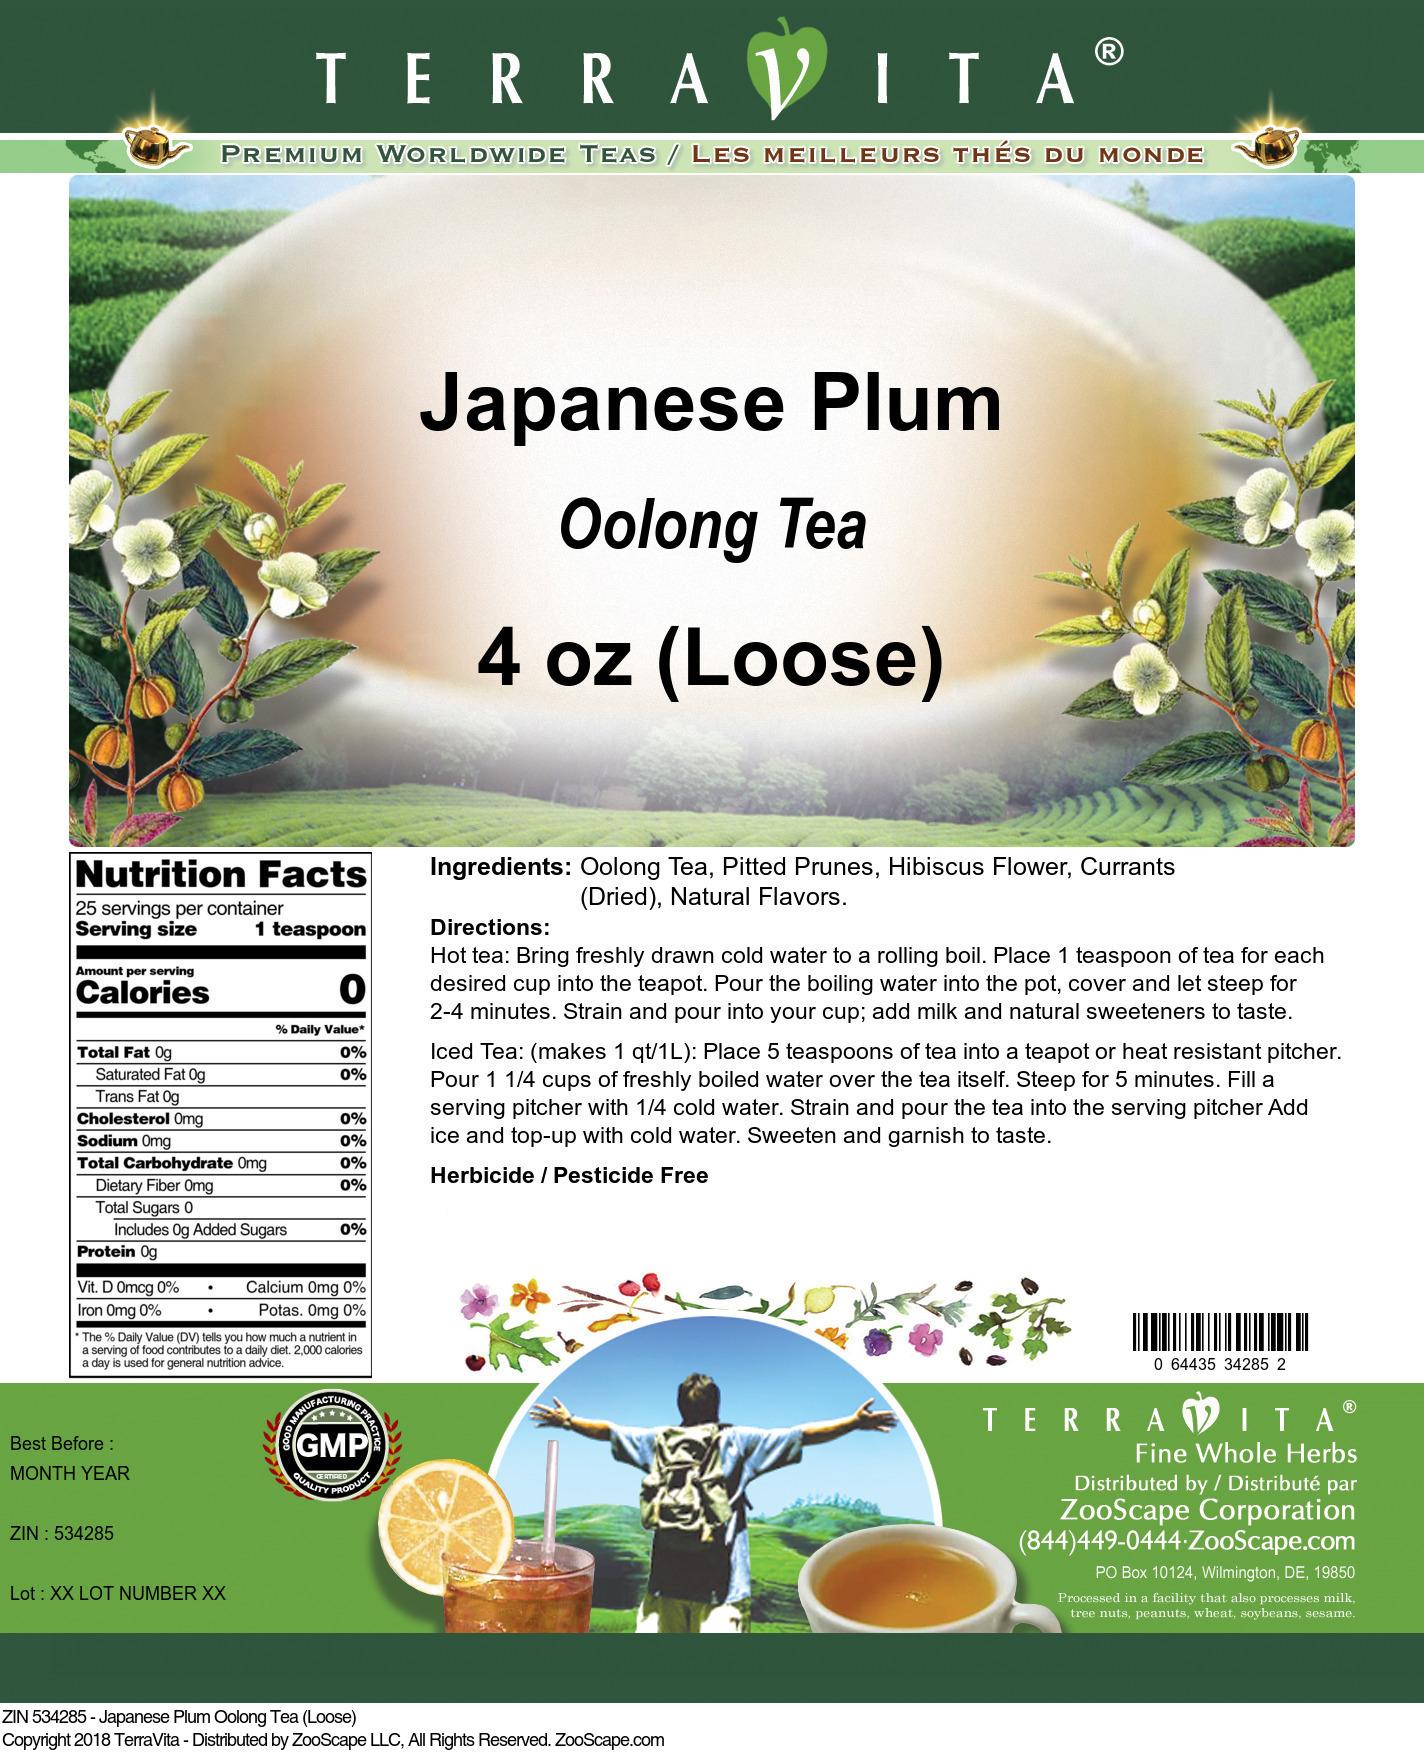 Japanese Plum Oolong Tea (Loose)